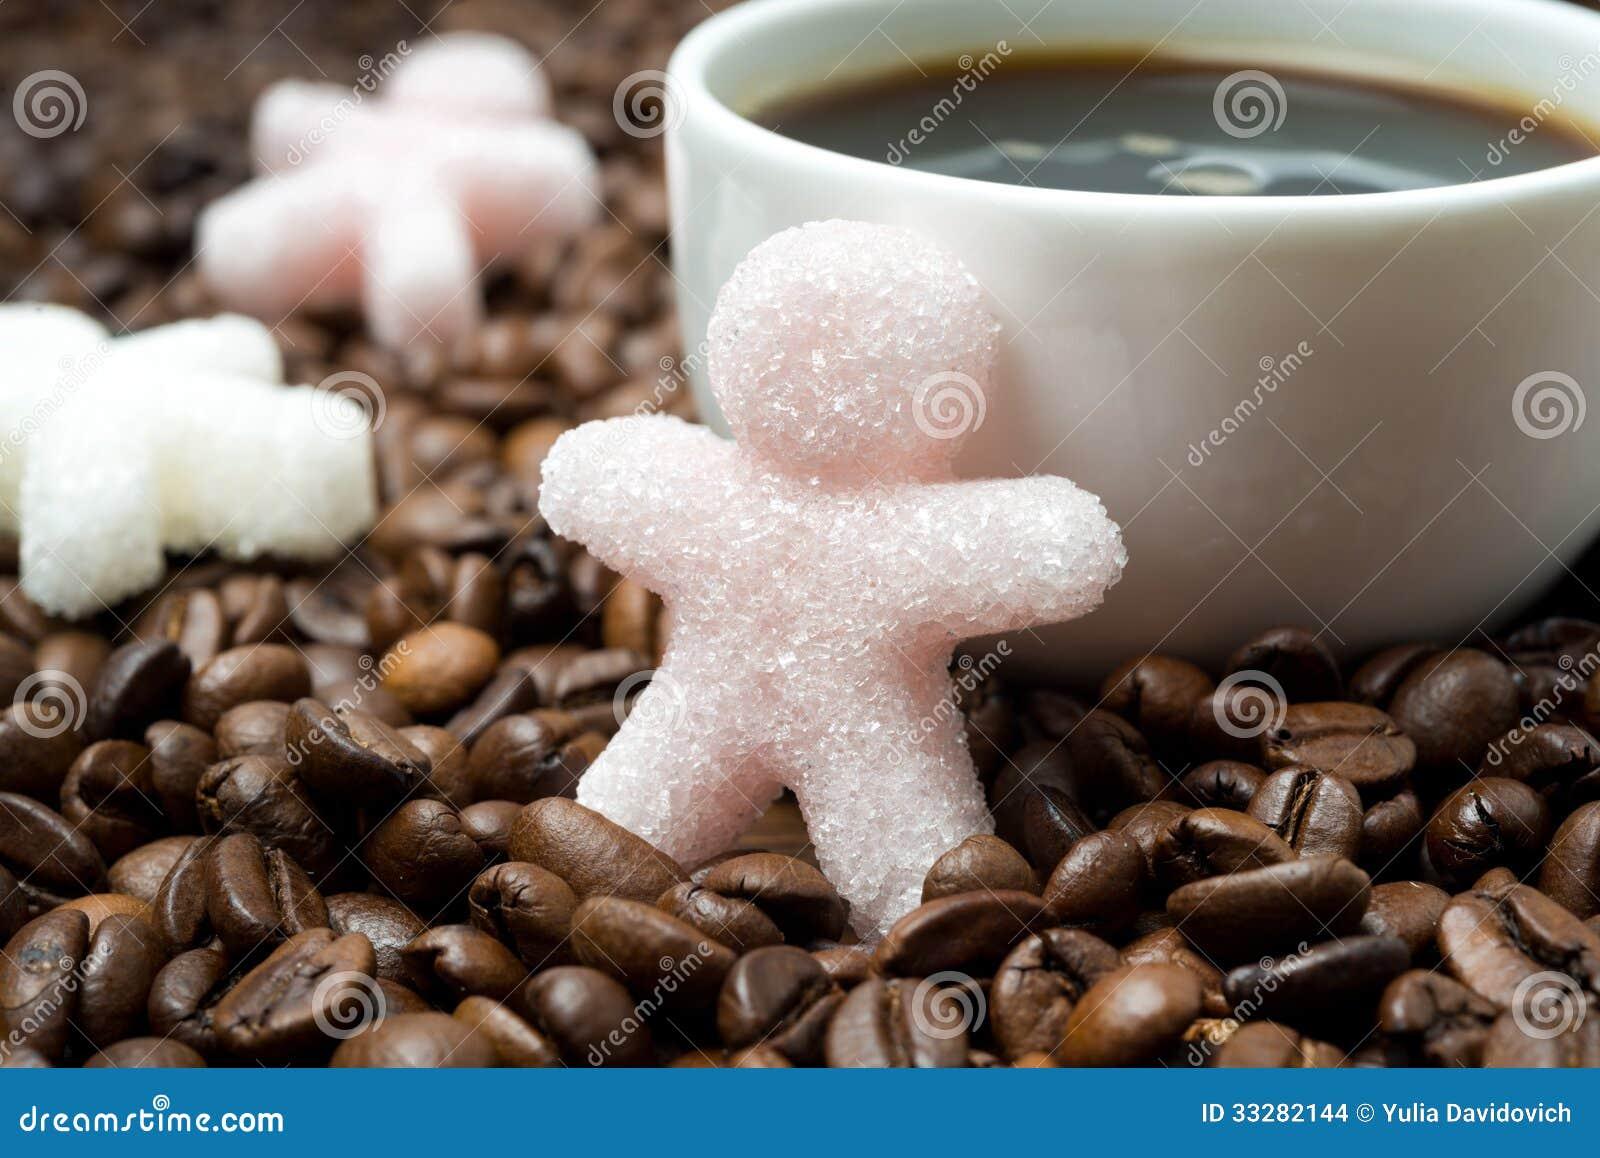 Ζάχαρη υπό μορφή μικρού ατόμου και φλιτζανιού του καφέ, κινηματογράφηση σε πρώτο πλάνο